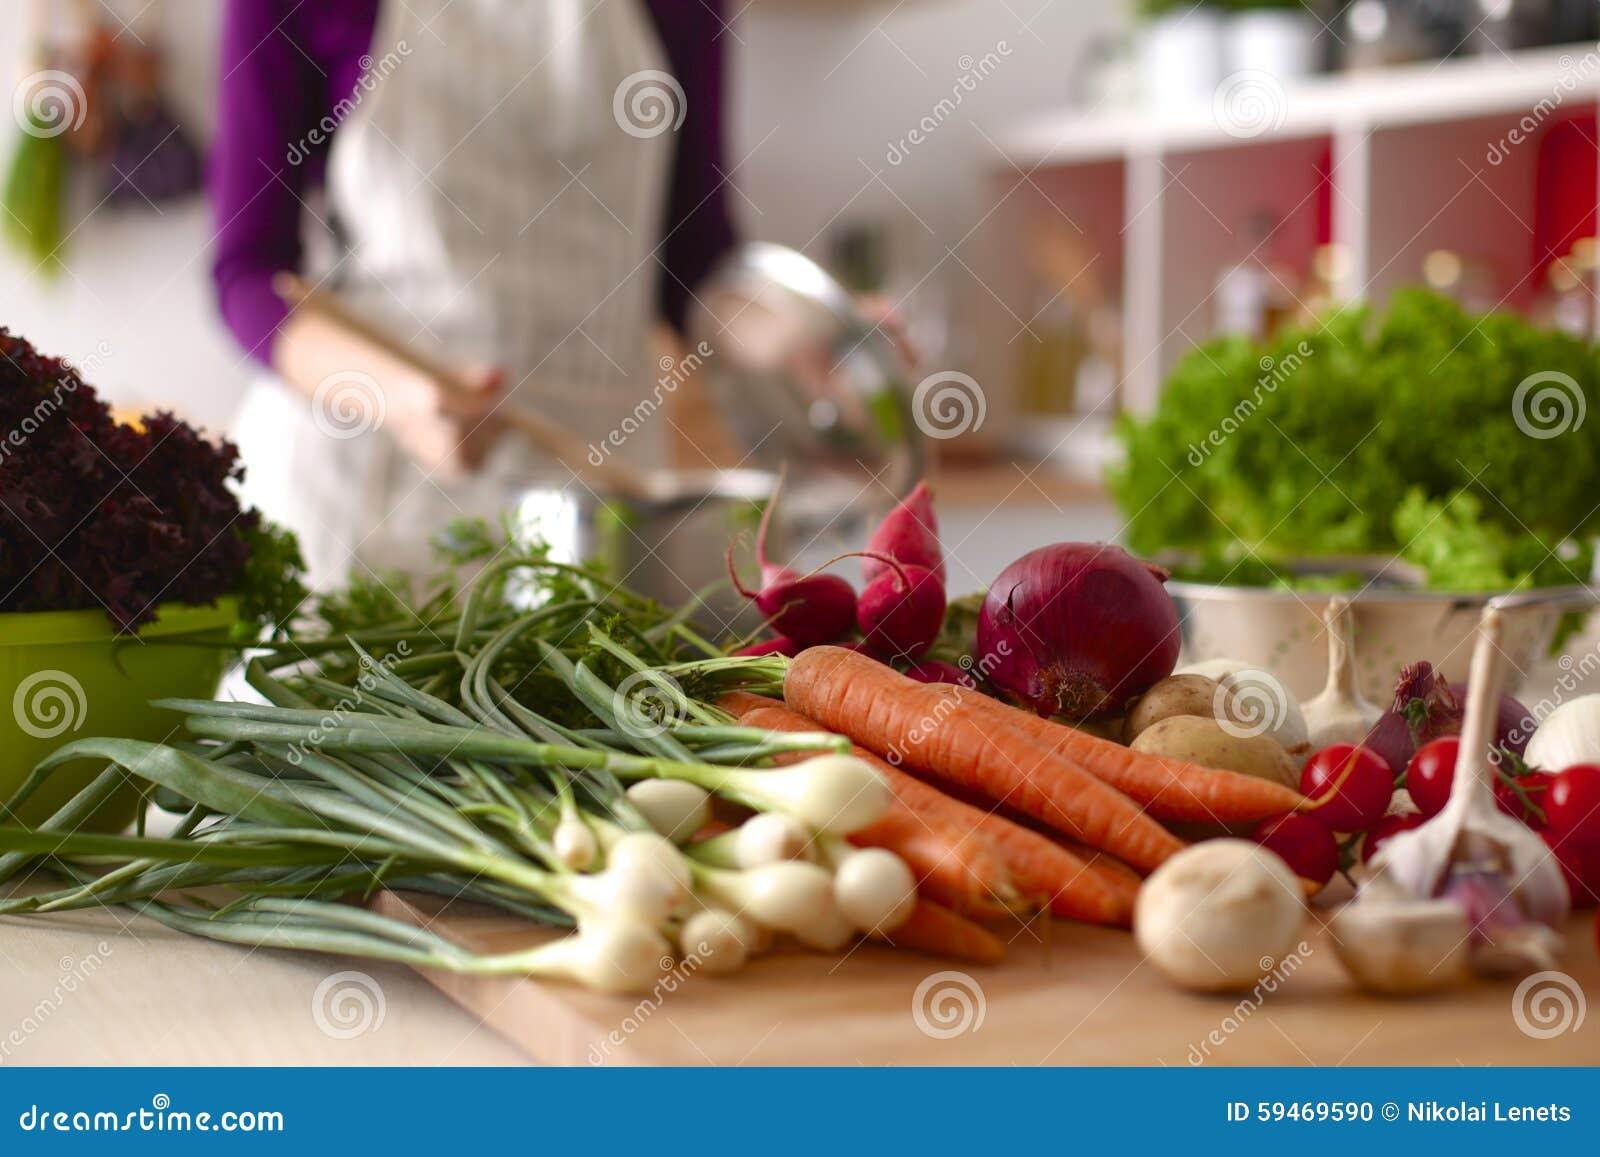 jeune femme faisant cuire dans la cuisine nourriture saine photo stock image du cuisine. Black Bedroom Furniture Sets. Home Design Ideas